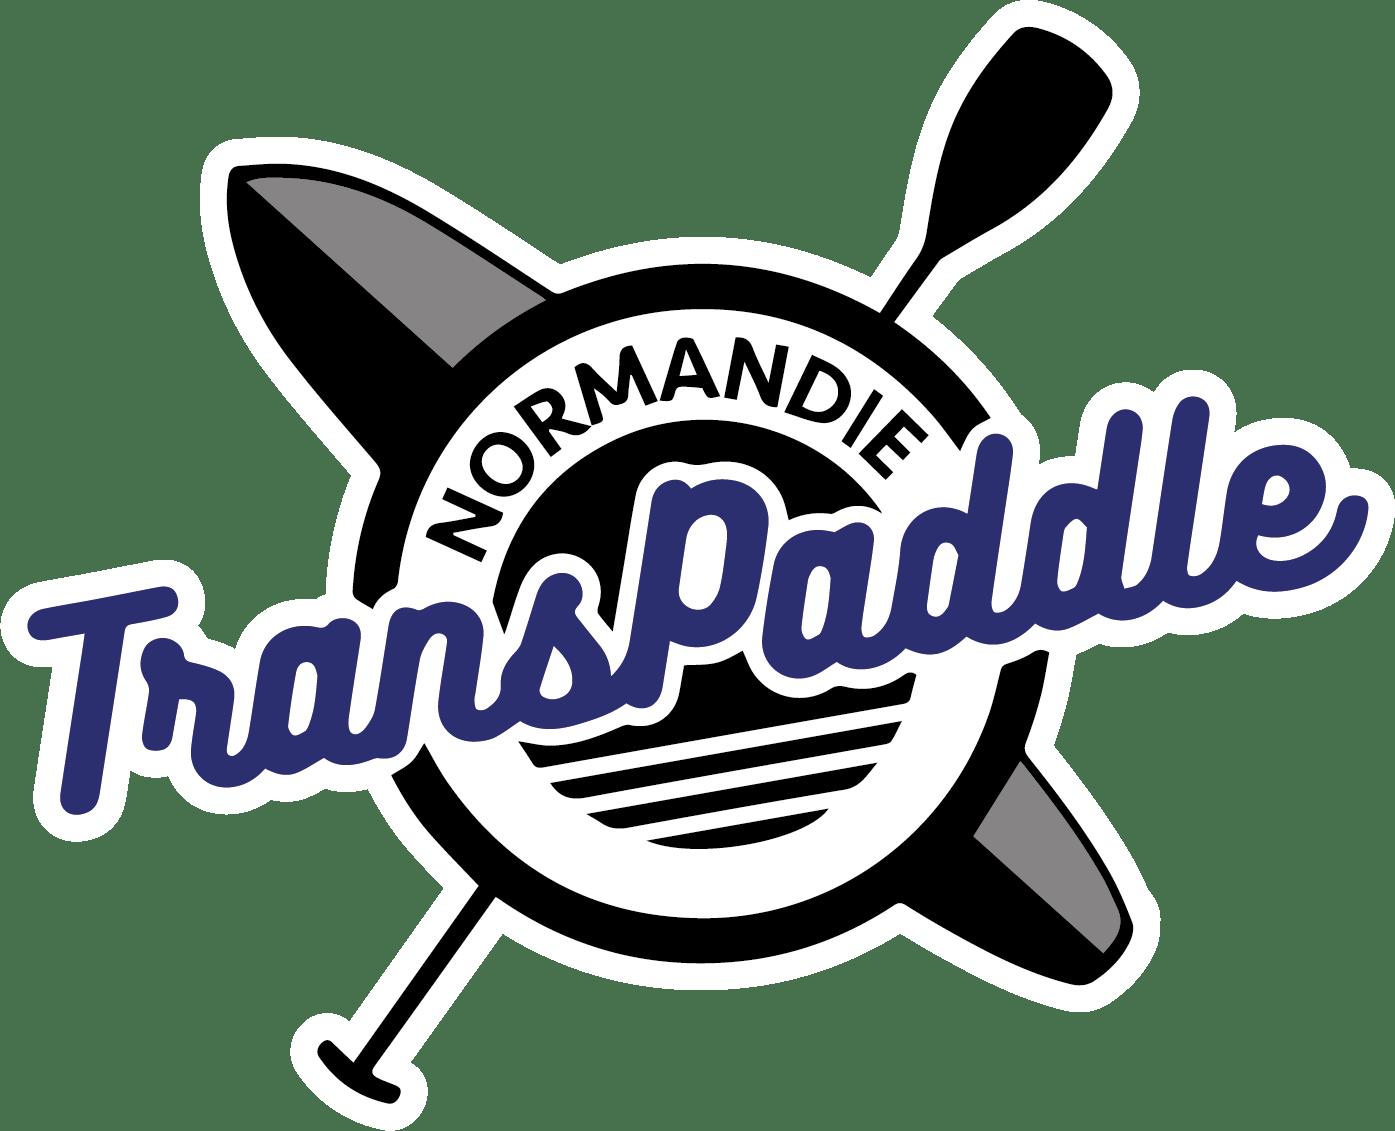 TRANSPADDLE NORMANDIE